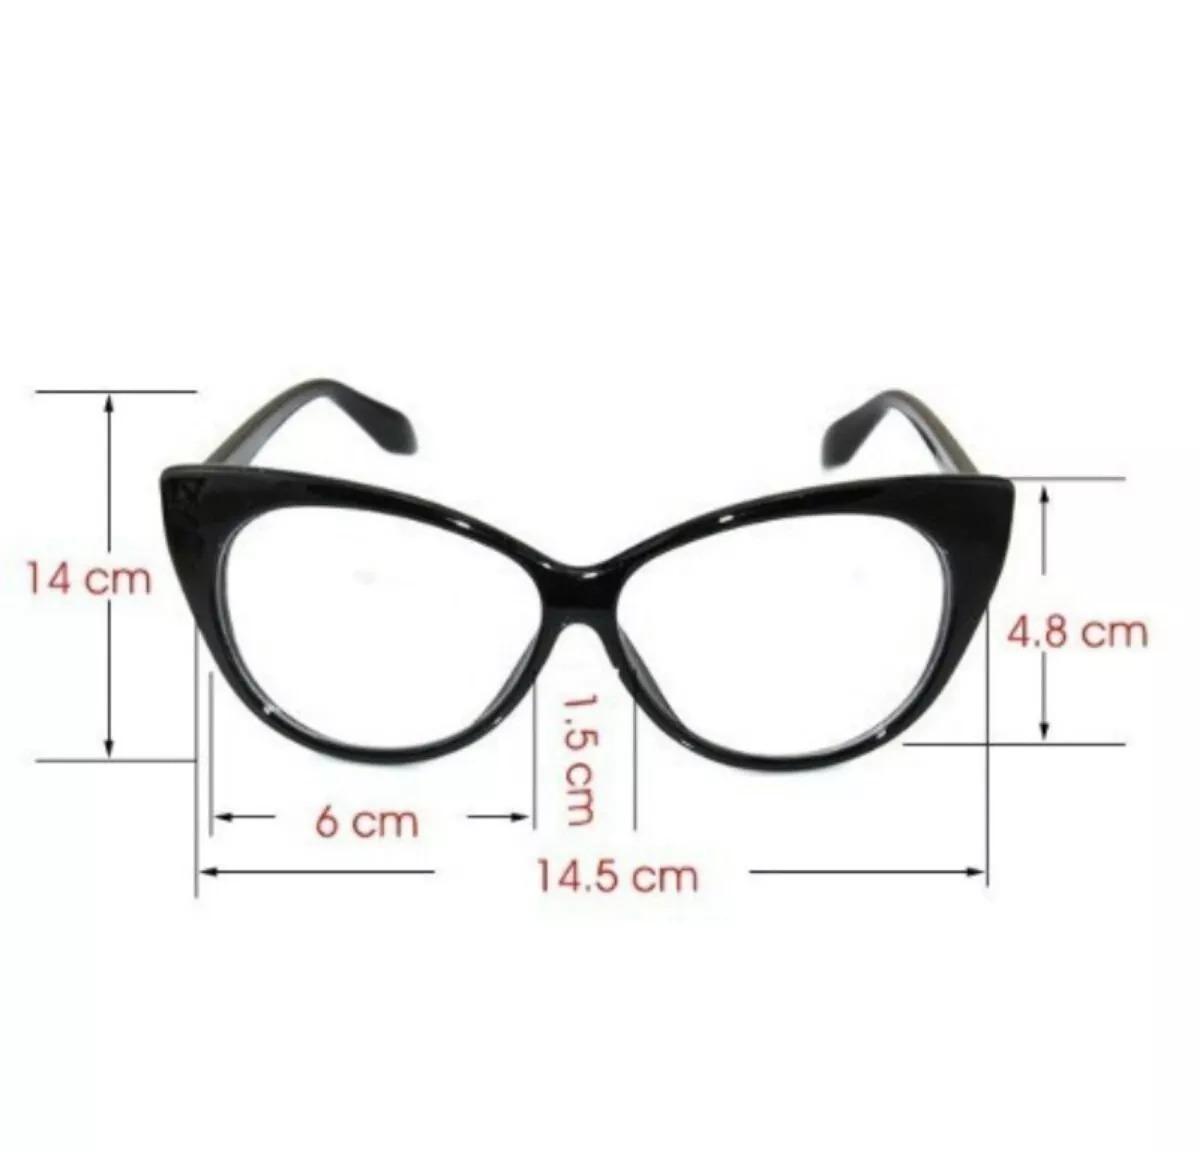 17a34bfe831 Armação Oculos Grau Dior Gatinho + Gràtis Grau Perto 1 A 4 - R  48 ...